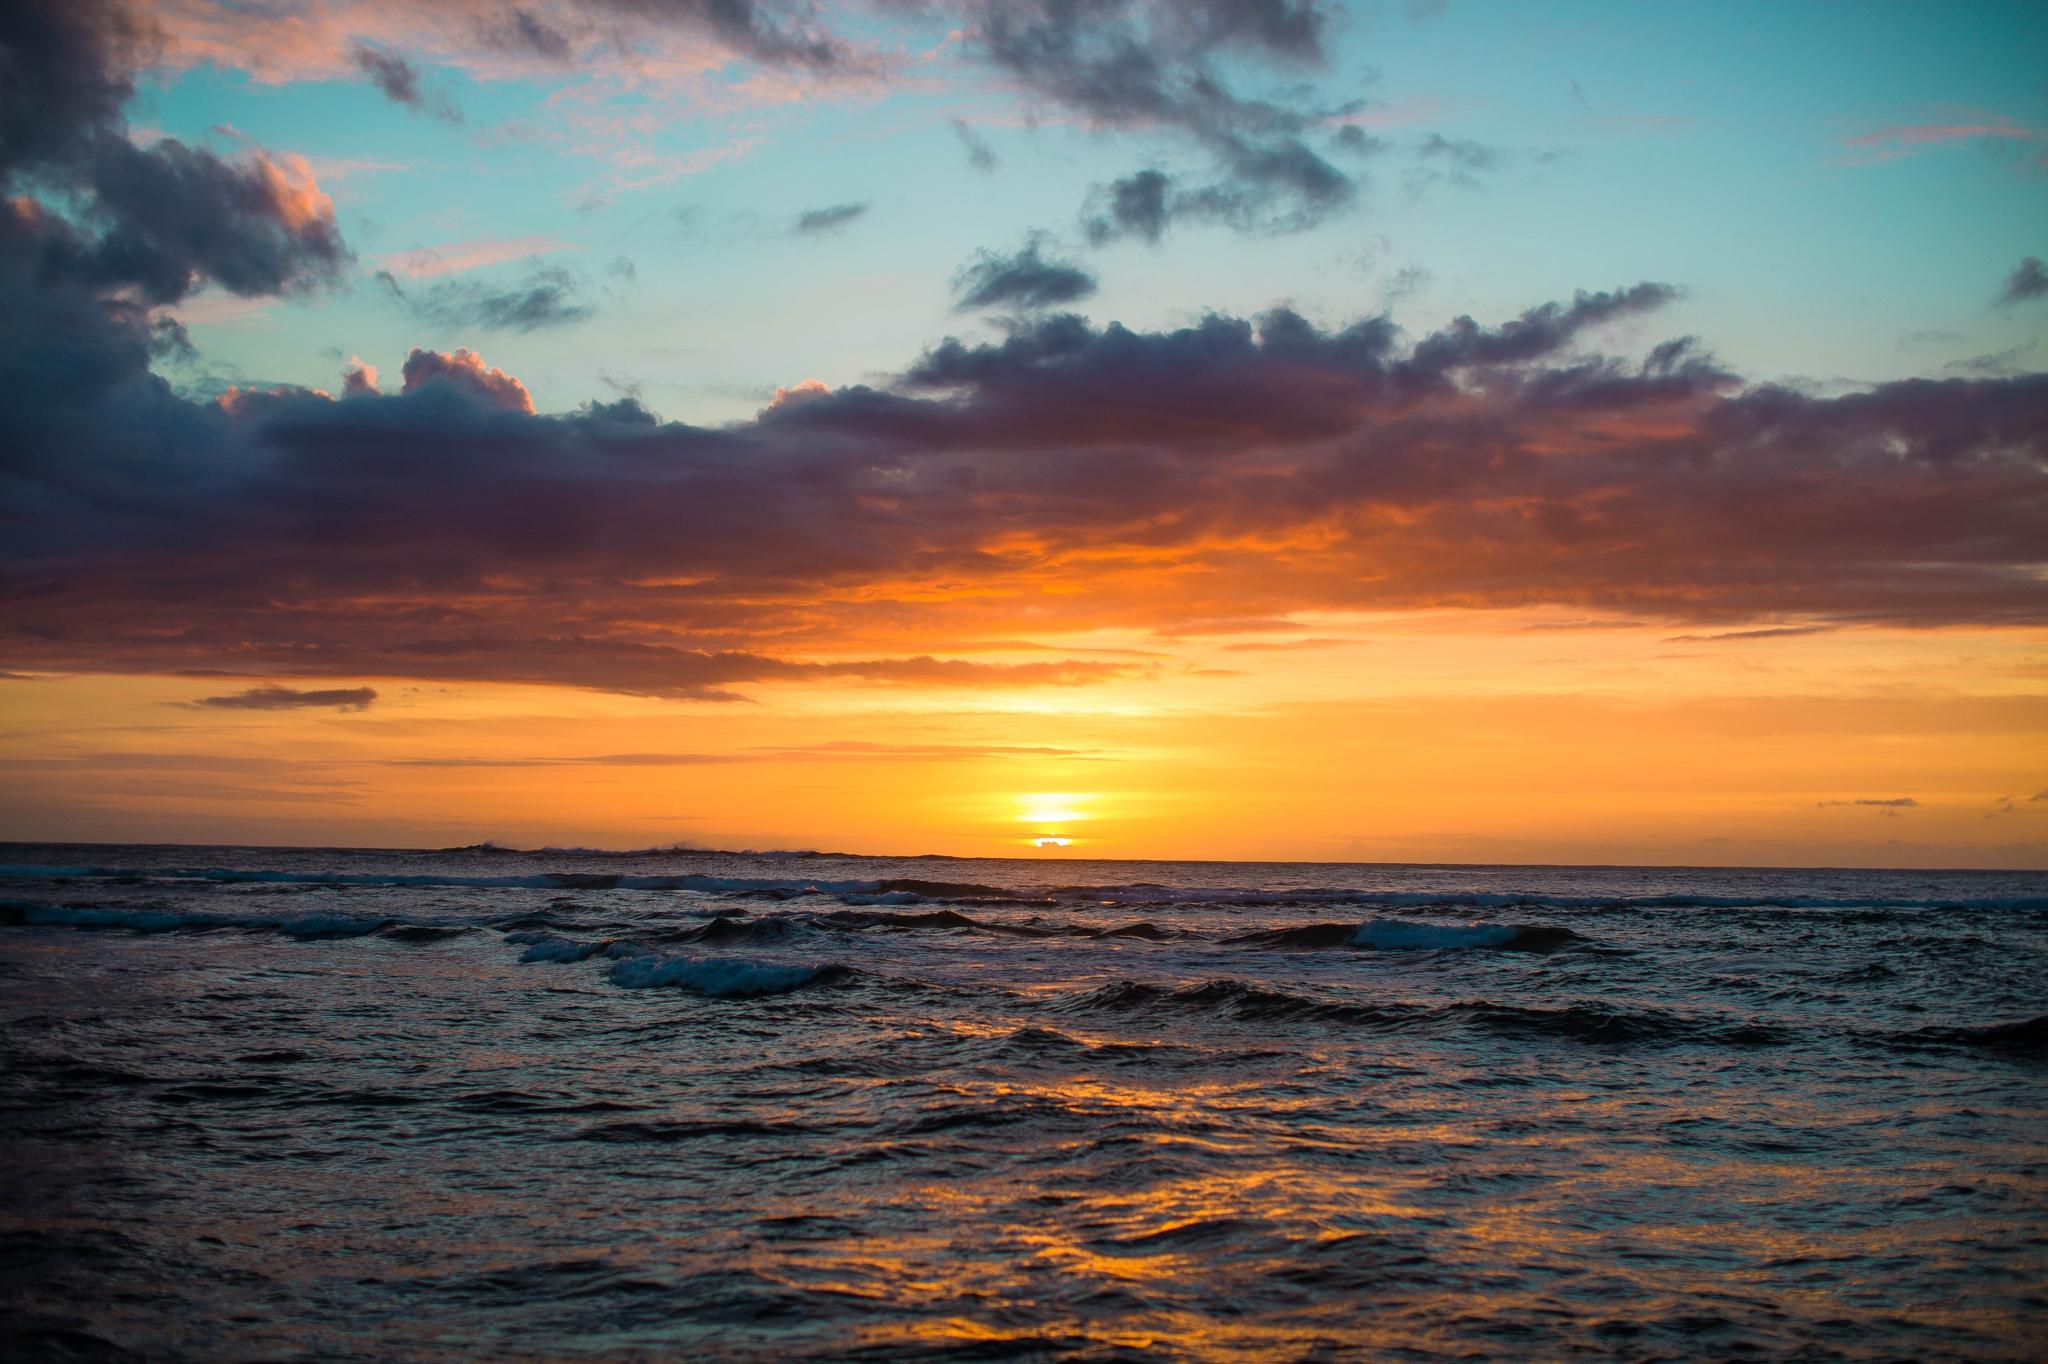 Sunset in Hawaii - Ana + Elijah - Wedding at Loulu Palm in Haleiwa, HI - Oahu Hawaii Wedding Photographer - #hawaiiweddingphotographer #oahuweddings #hawaiiweddings